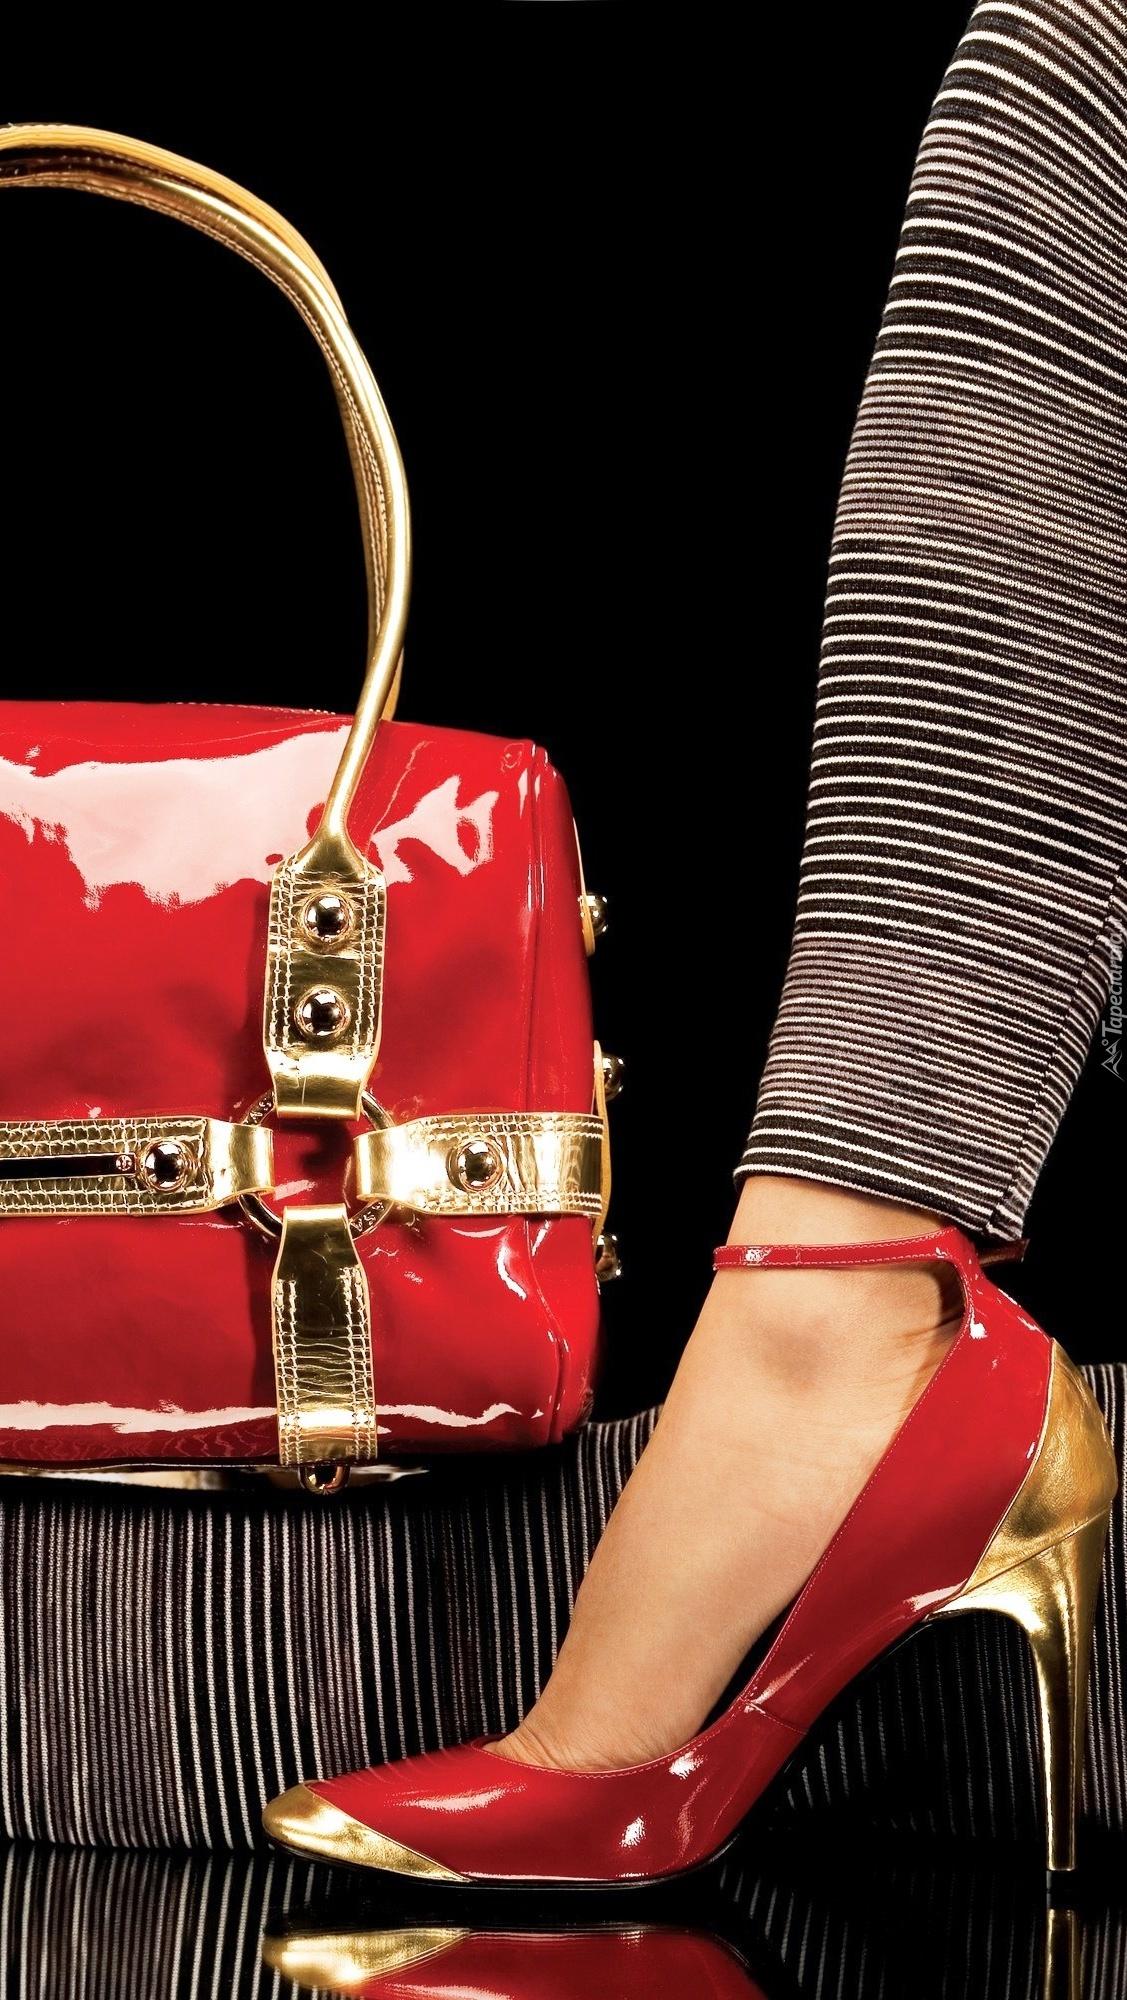 Szpilki i torebka w czerwonym kolorze